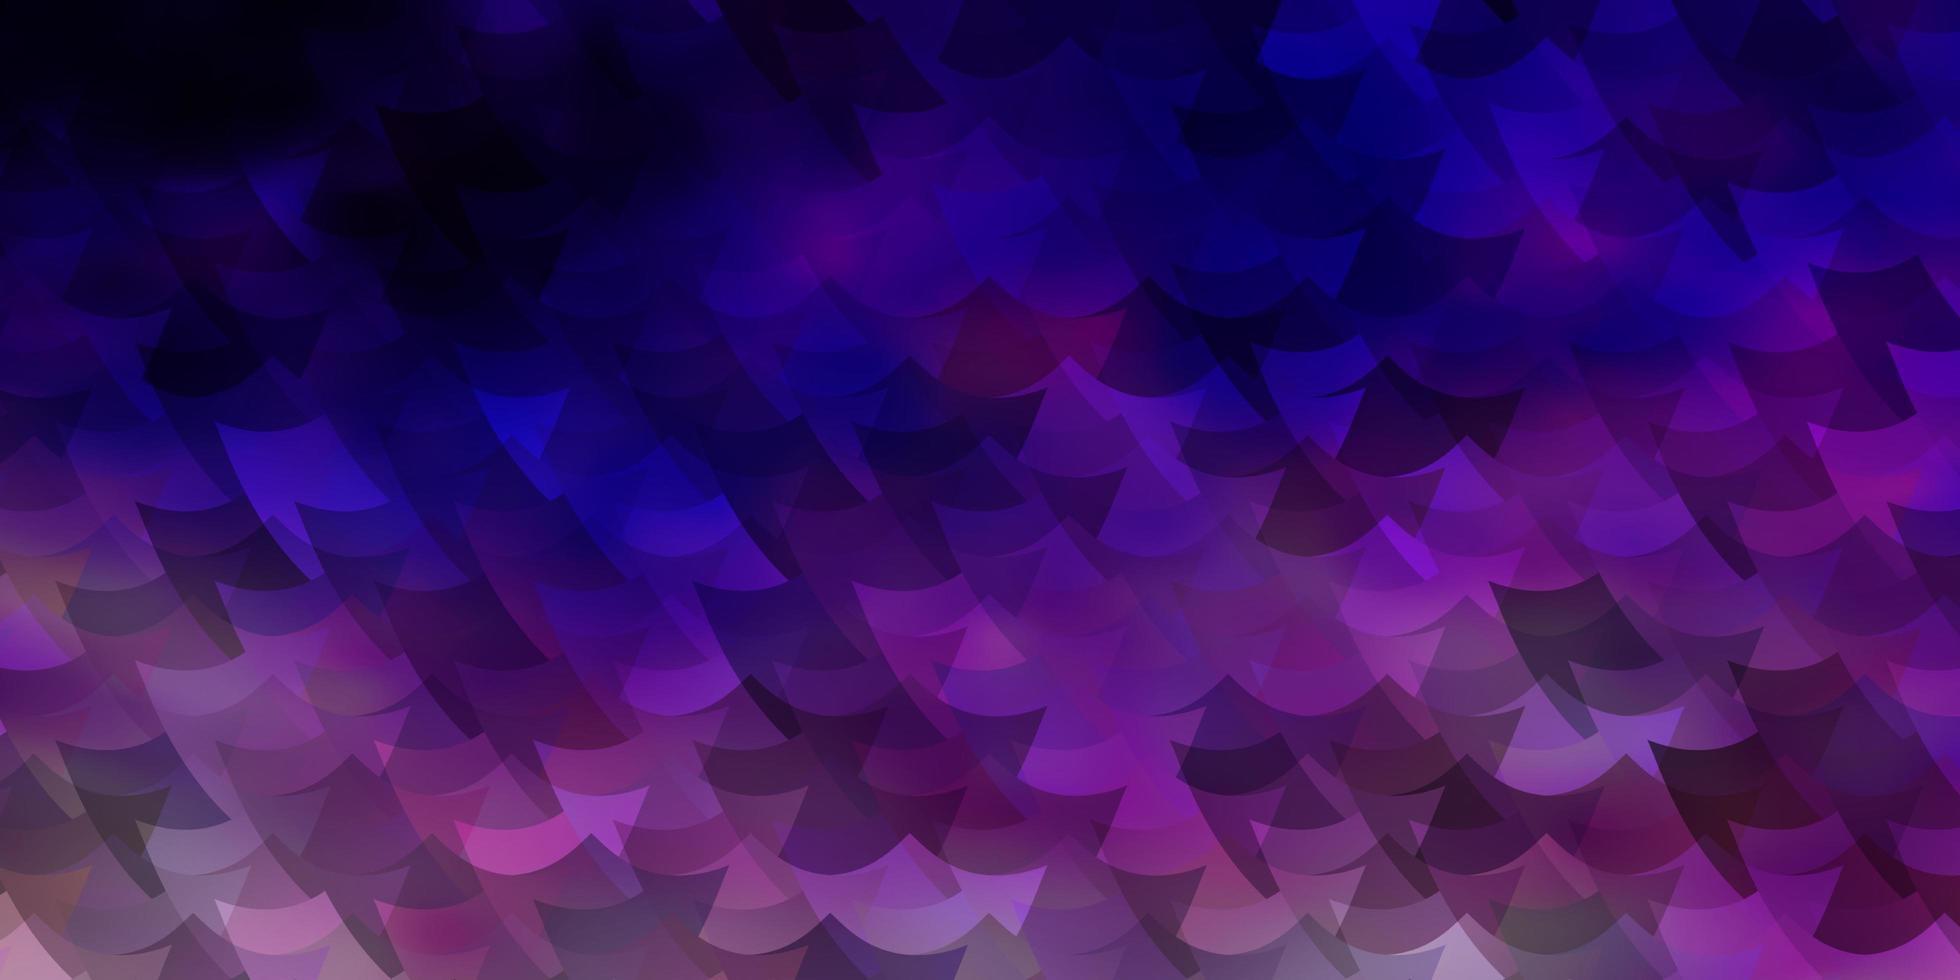 lichtpaarse, roze vector achtergrond in veelhoekige stijl.